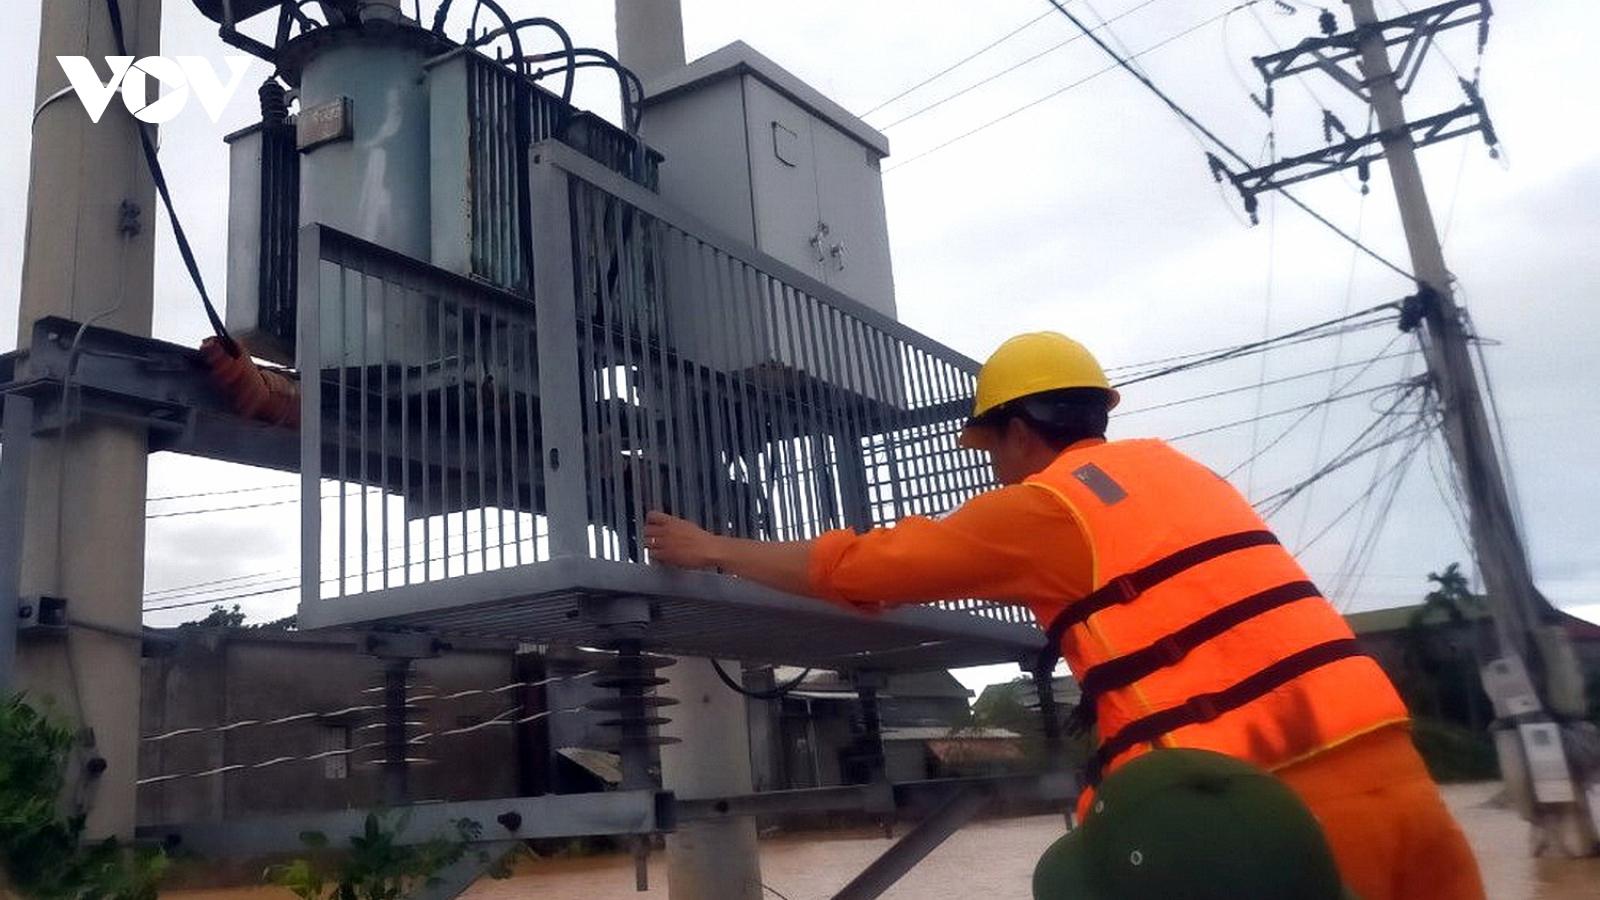 Sẽ hoàn thành sửa chữa điện cho người dân do ảnh hưởng bão số 13